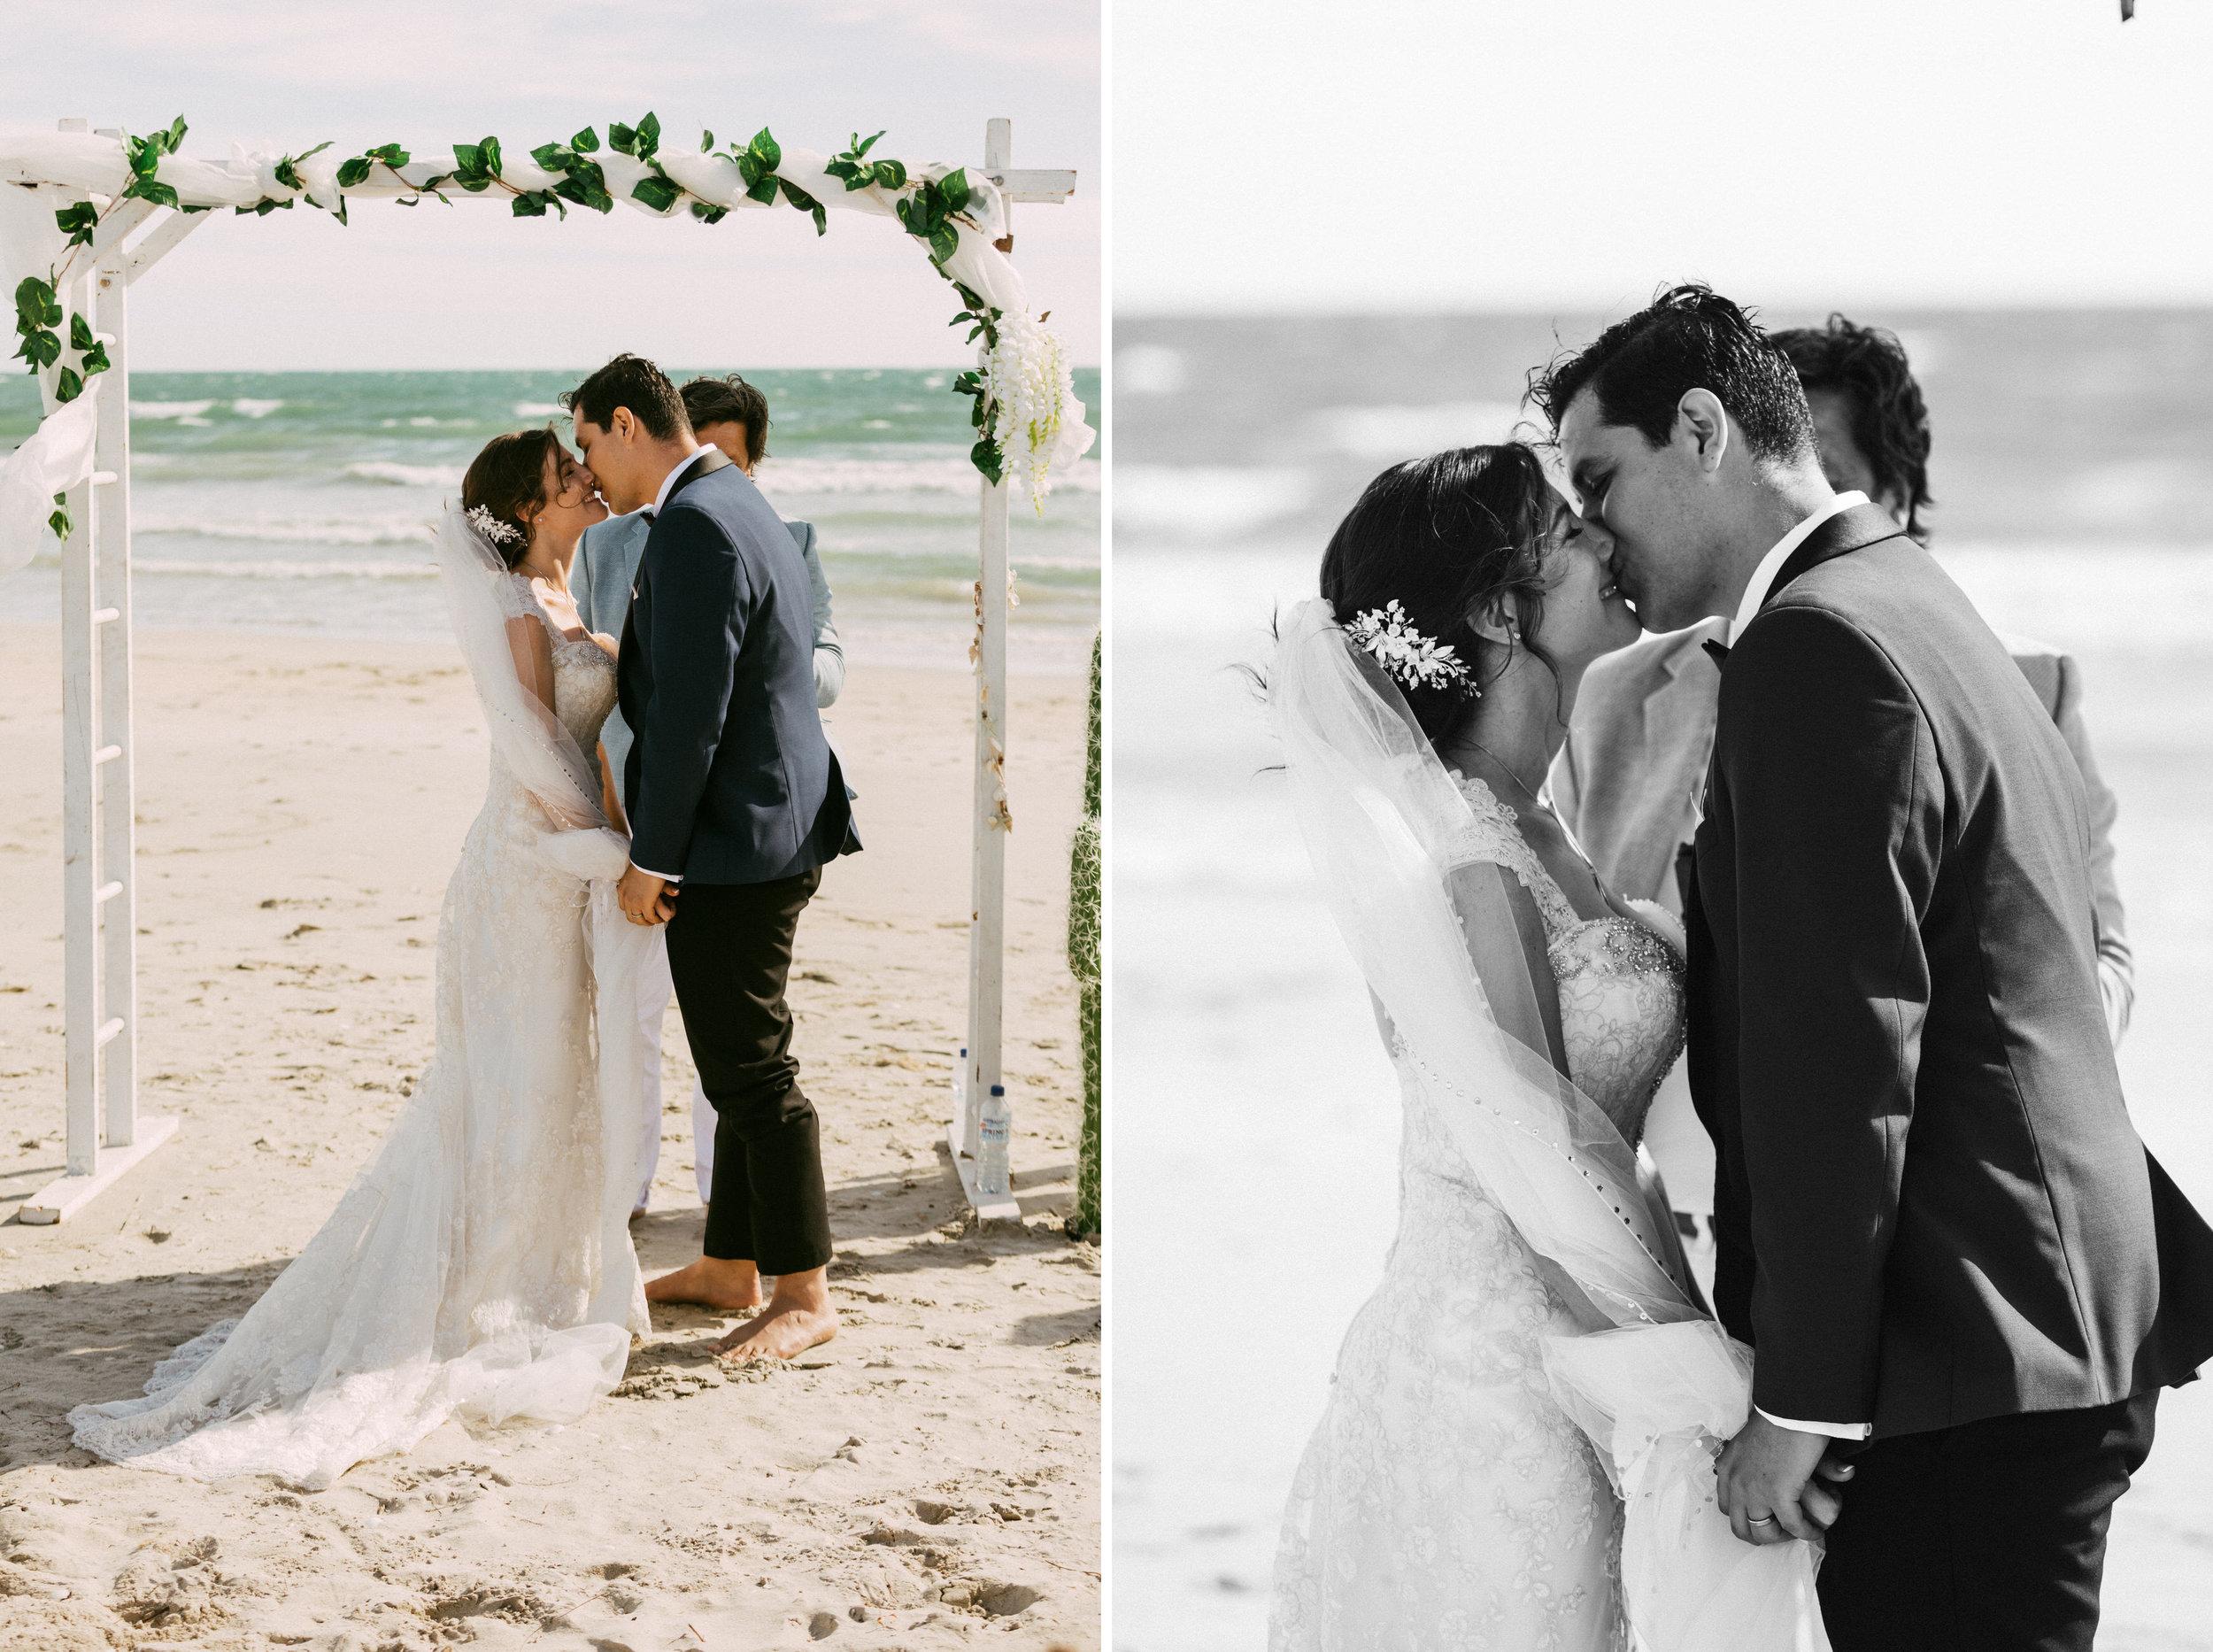 North Haven Beach Wedding 076.jpg